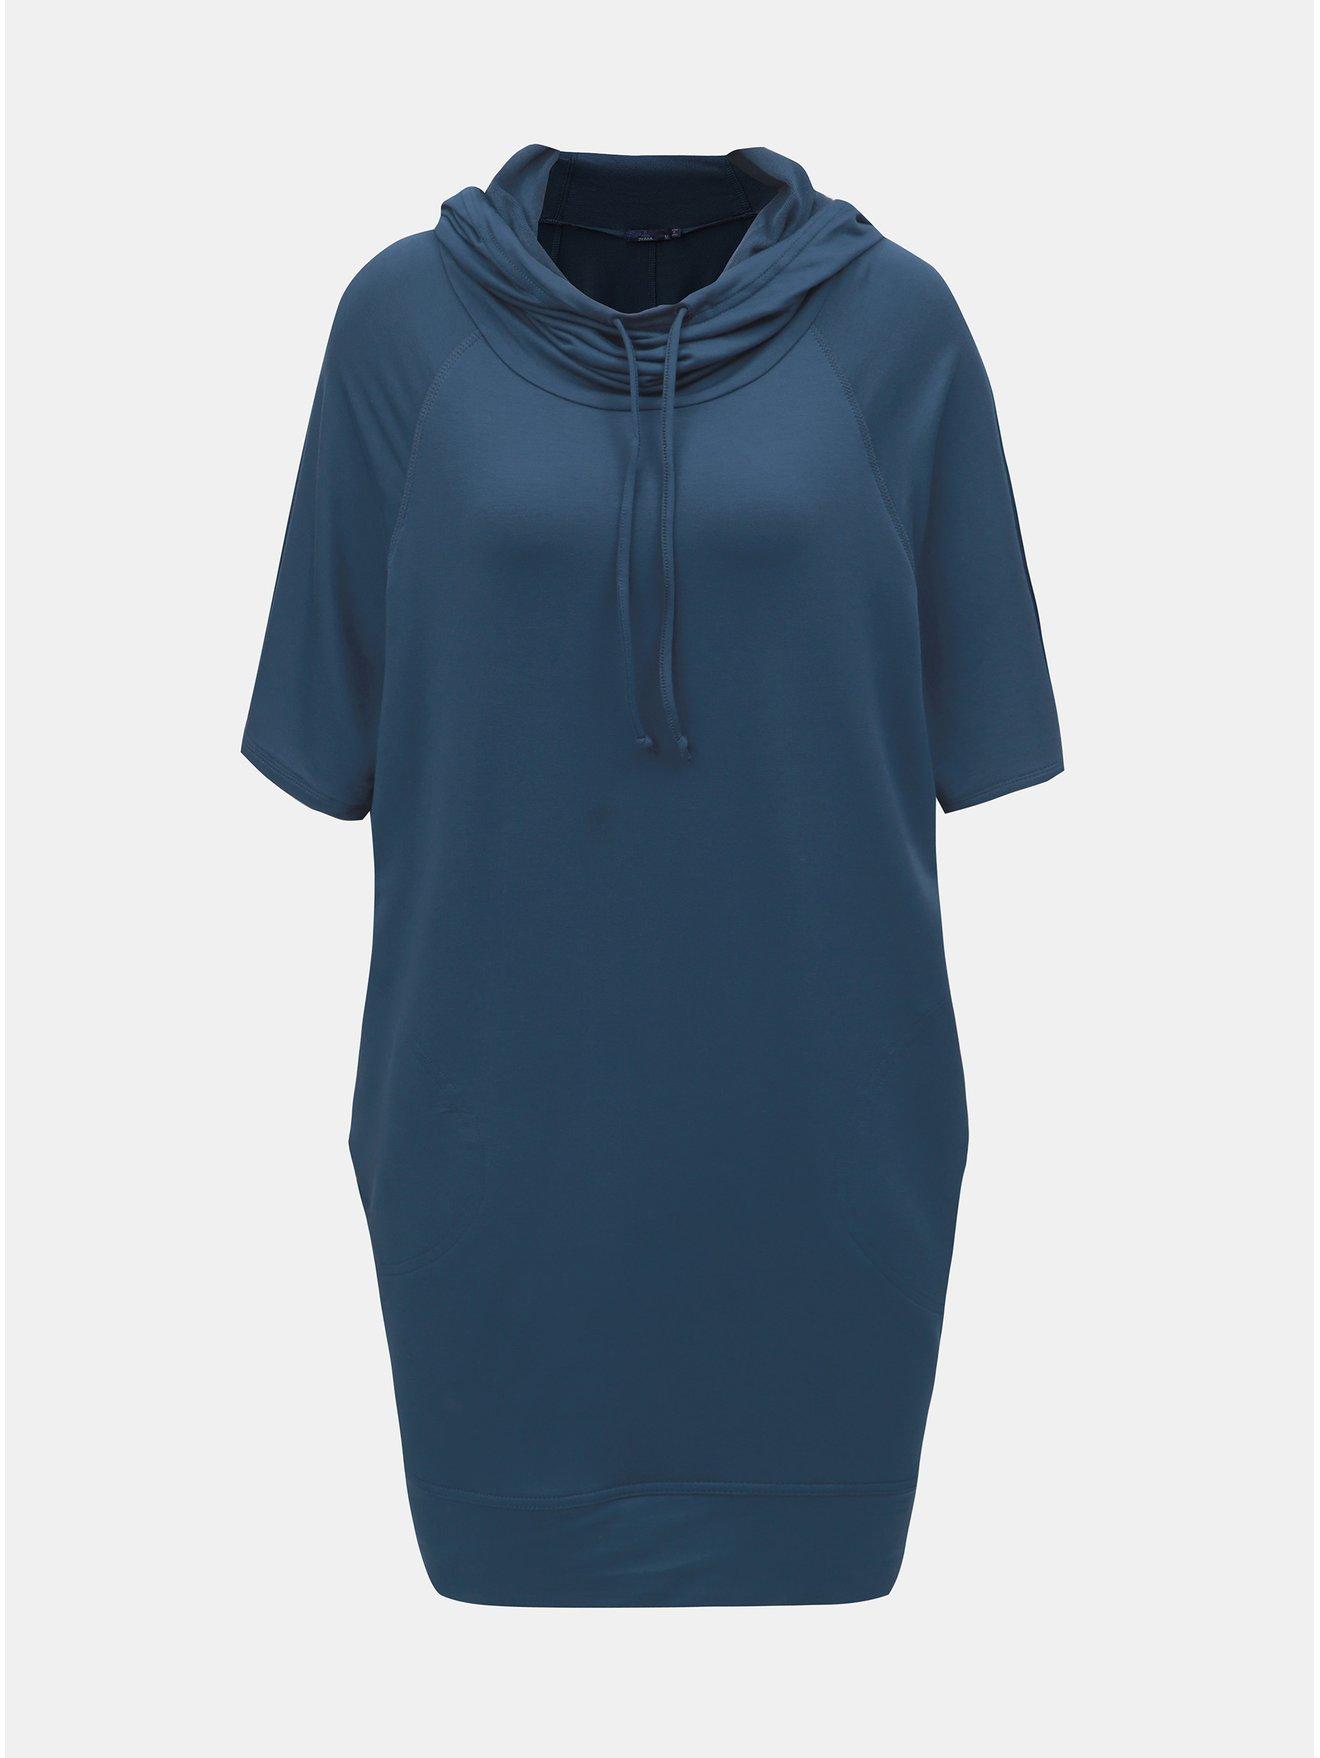 Modré mikinové šaty s kapucí prAna Carys